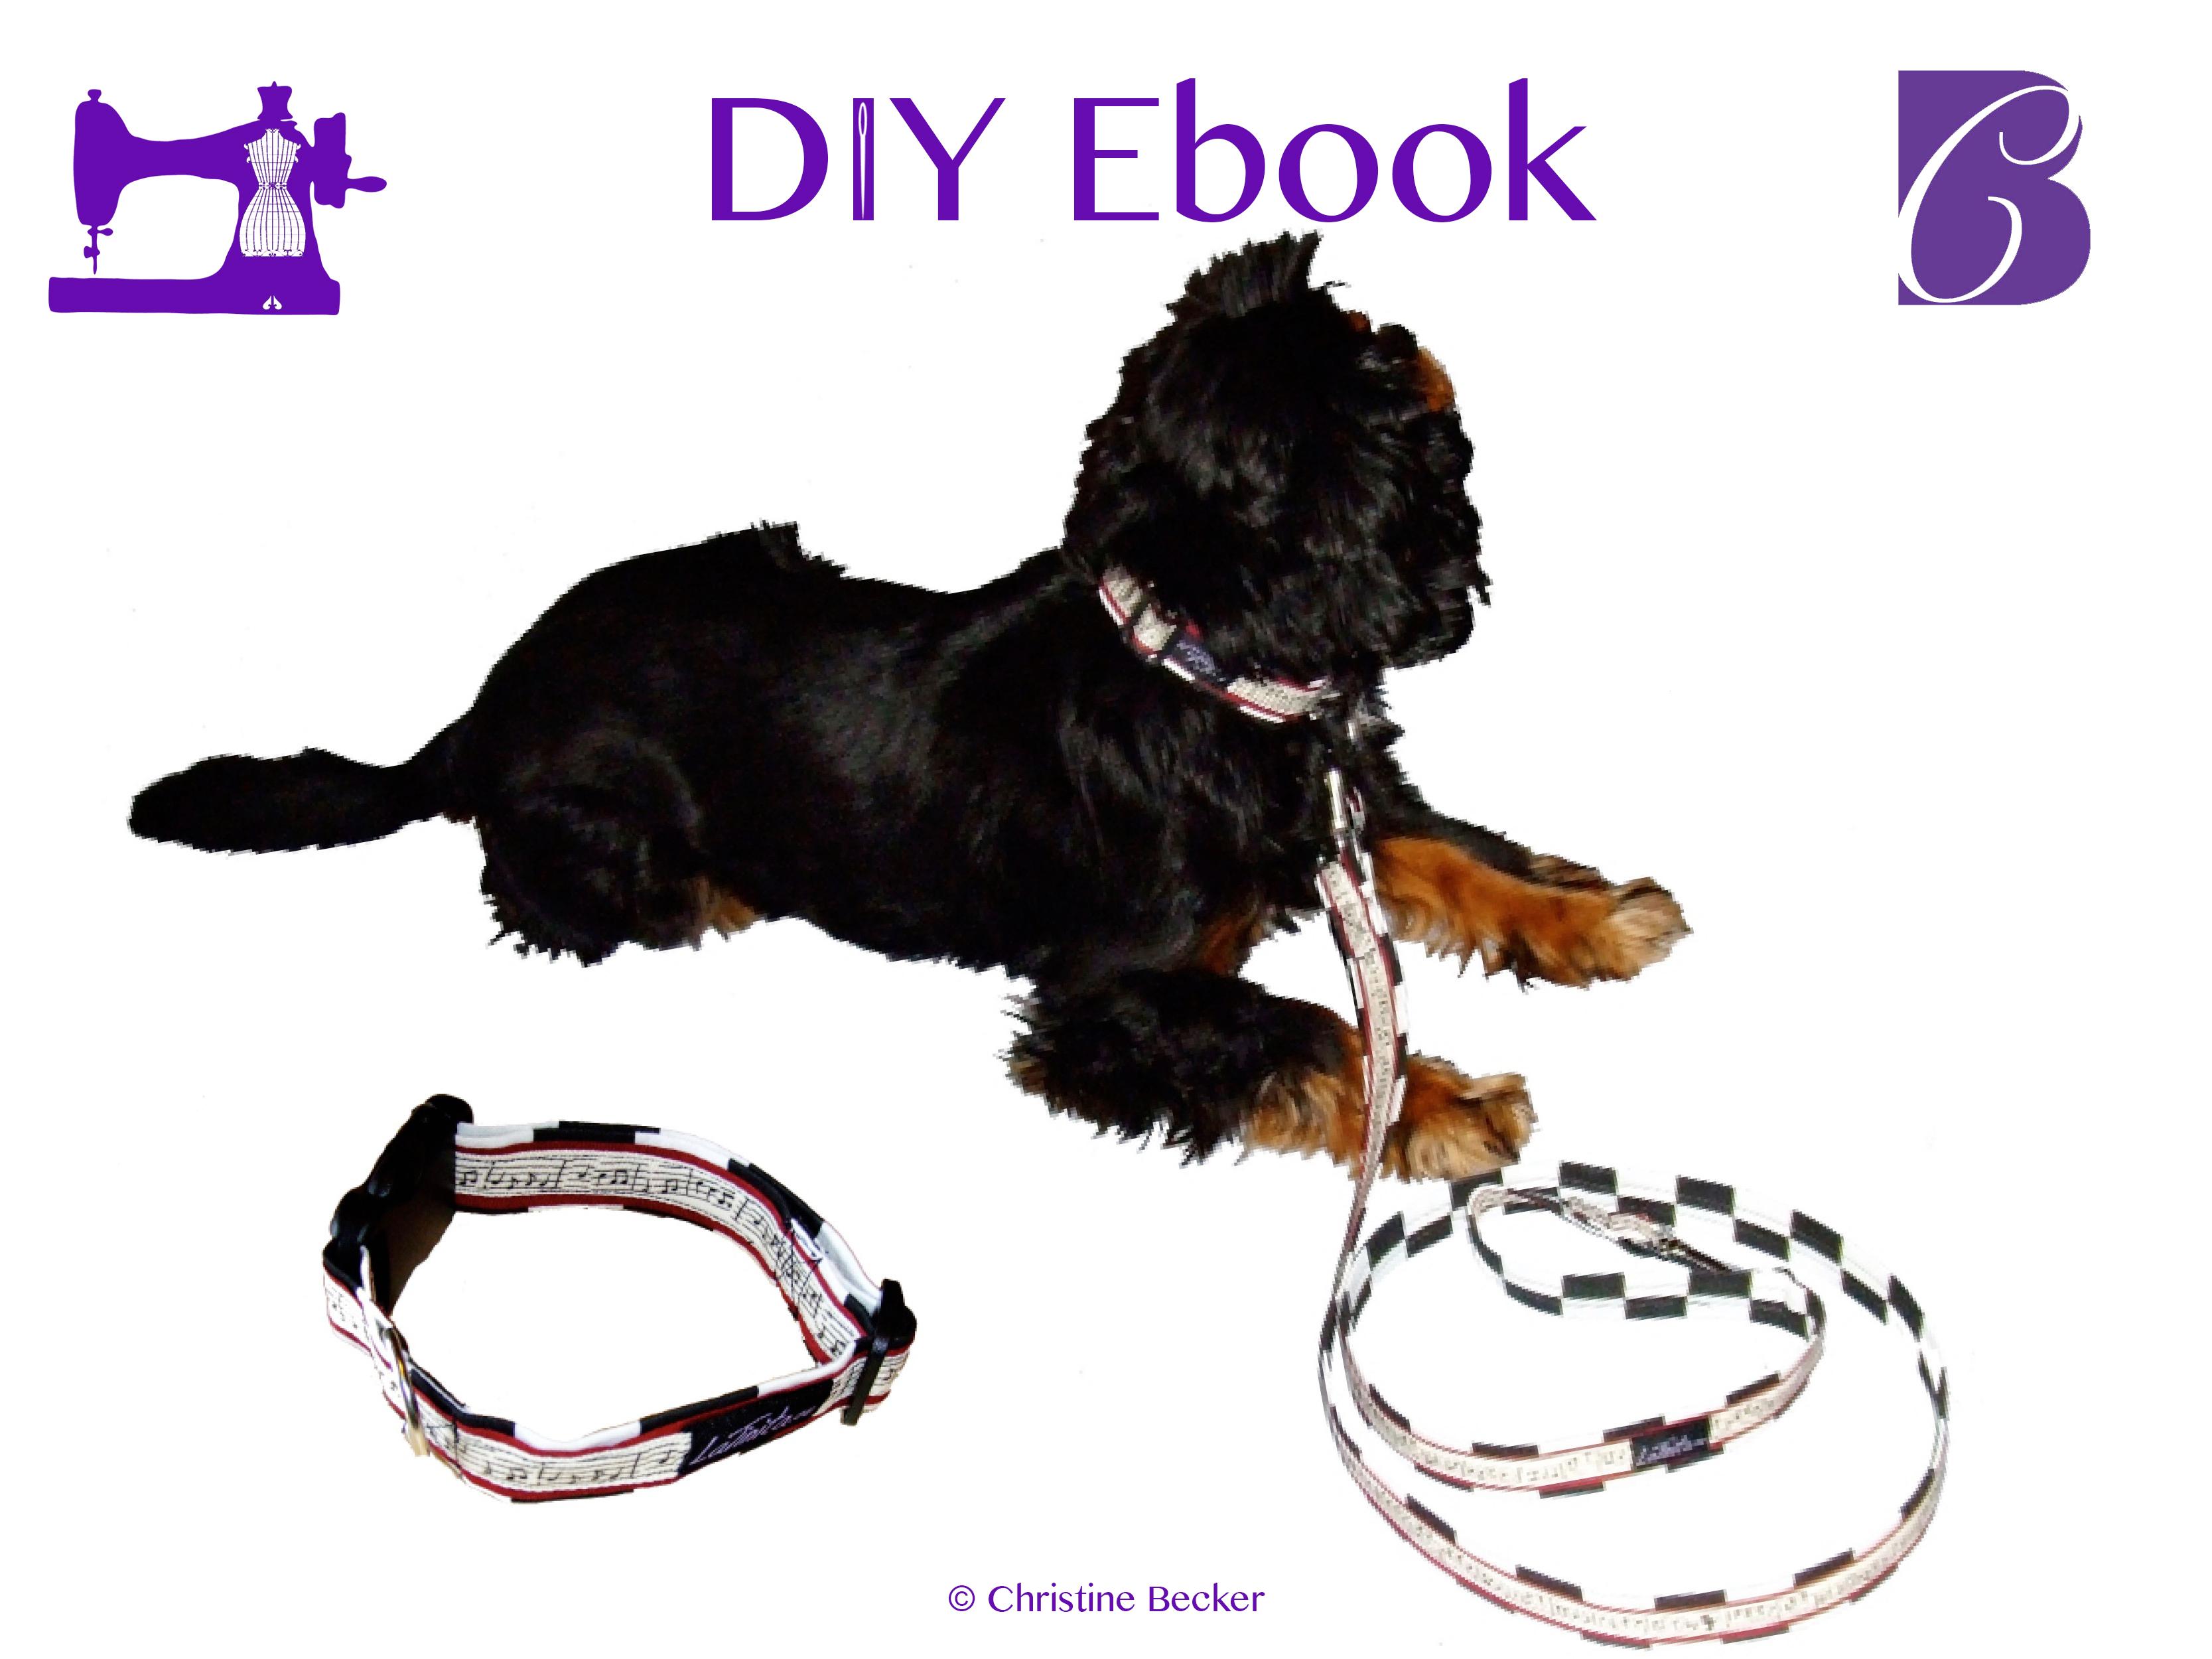 DIY E-Book Hundehalsbånd og Hundelenke